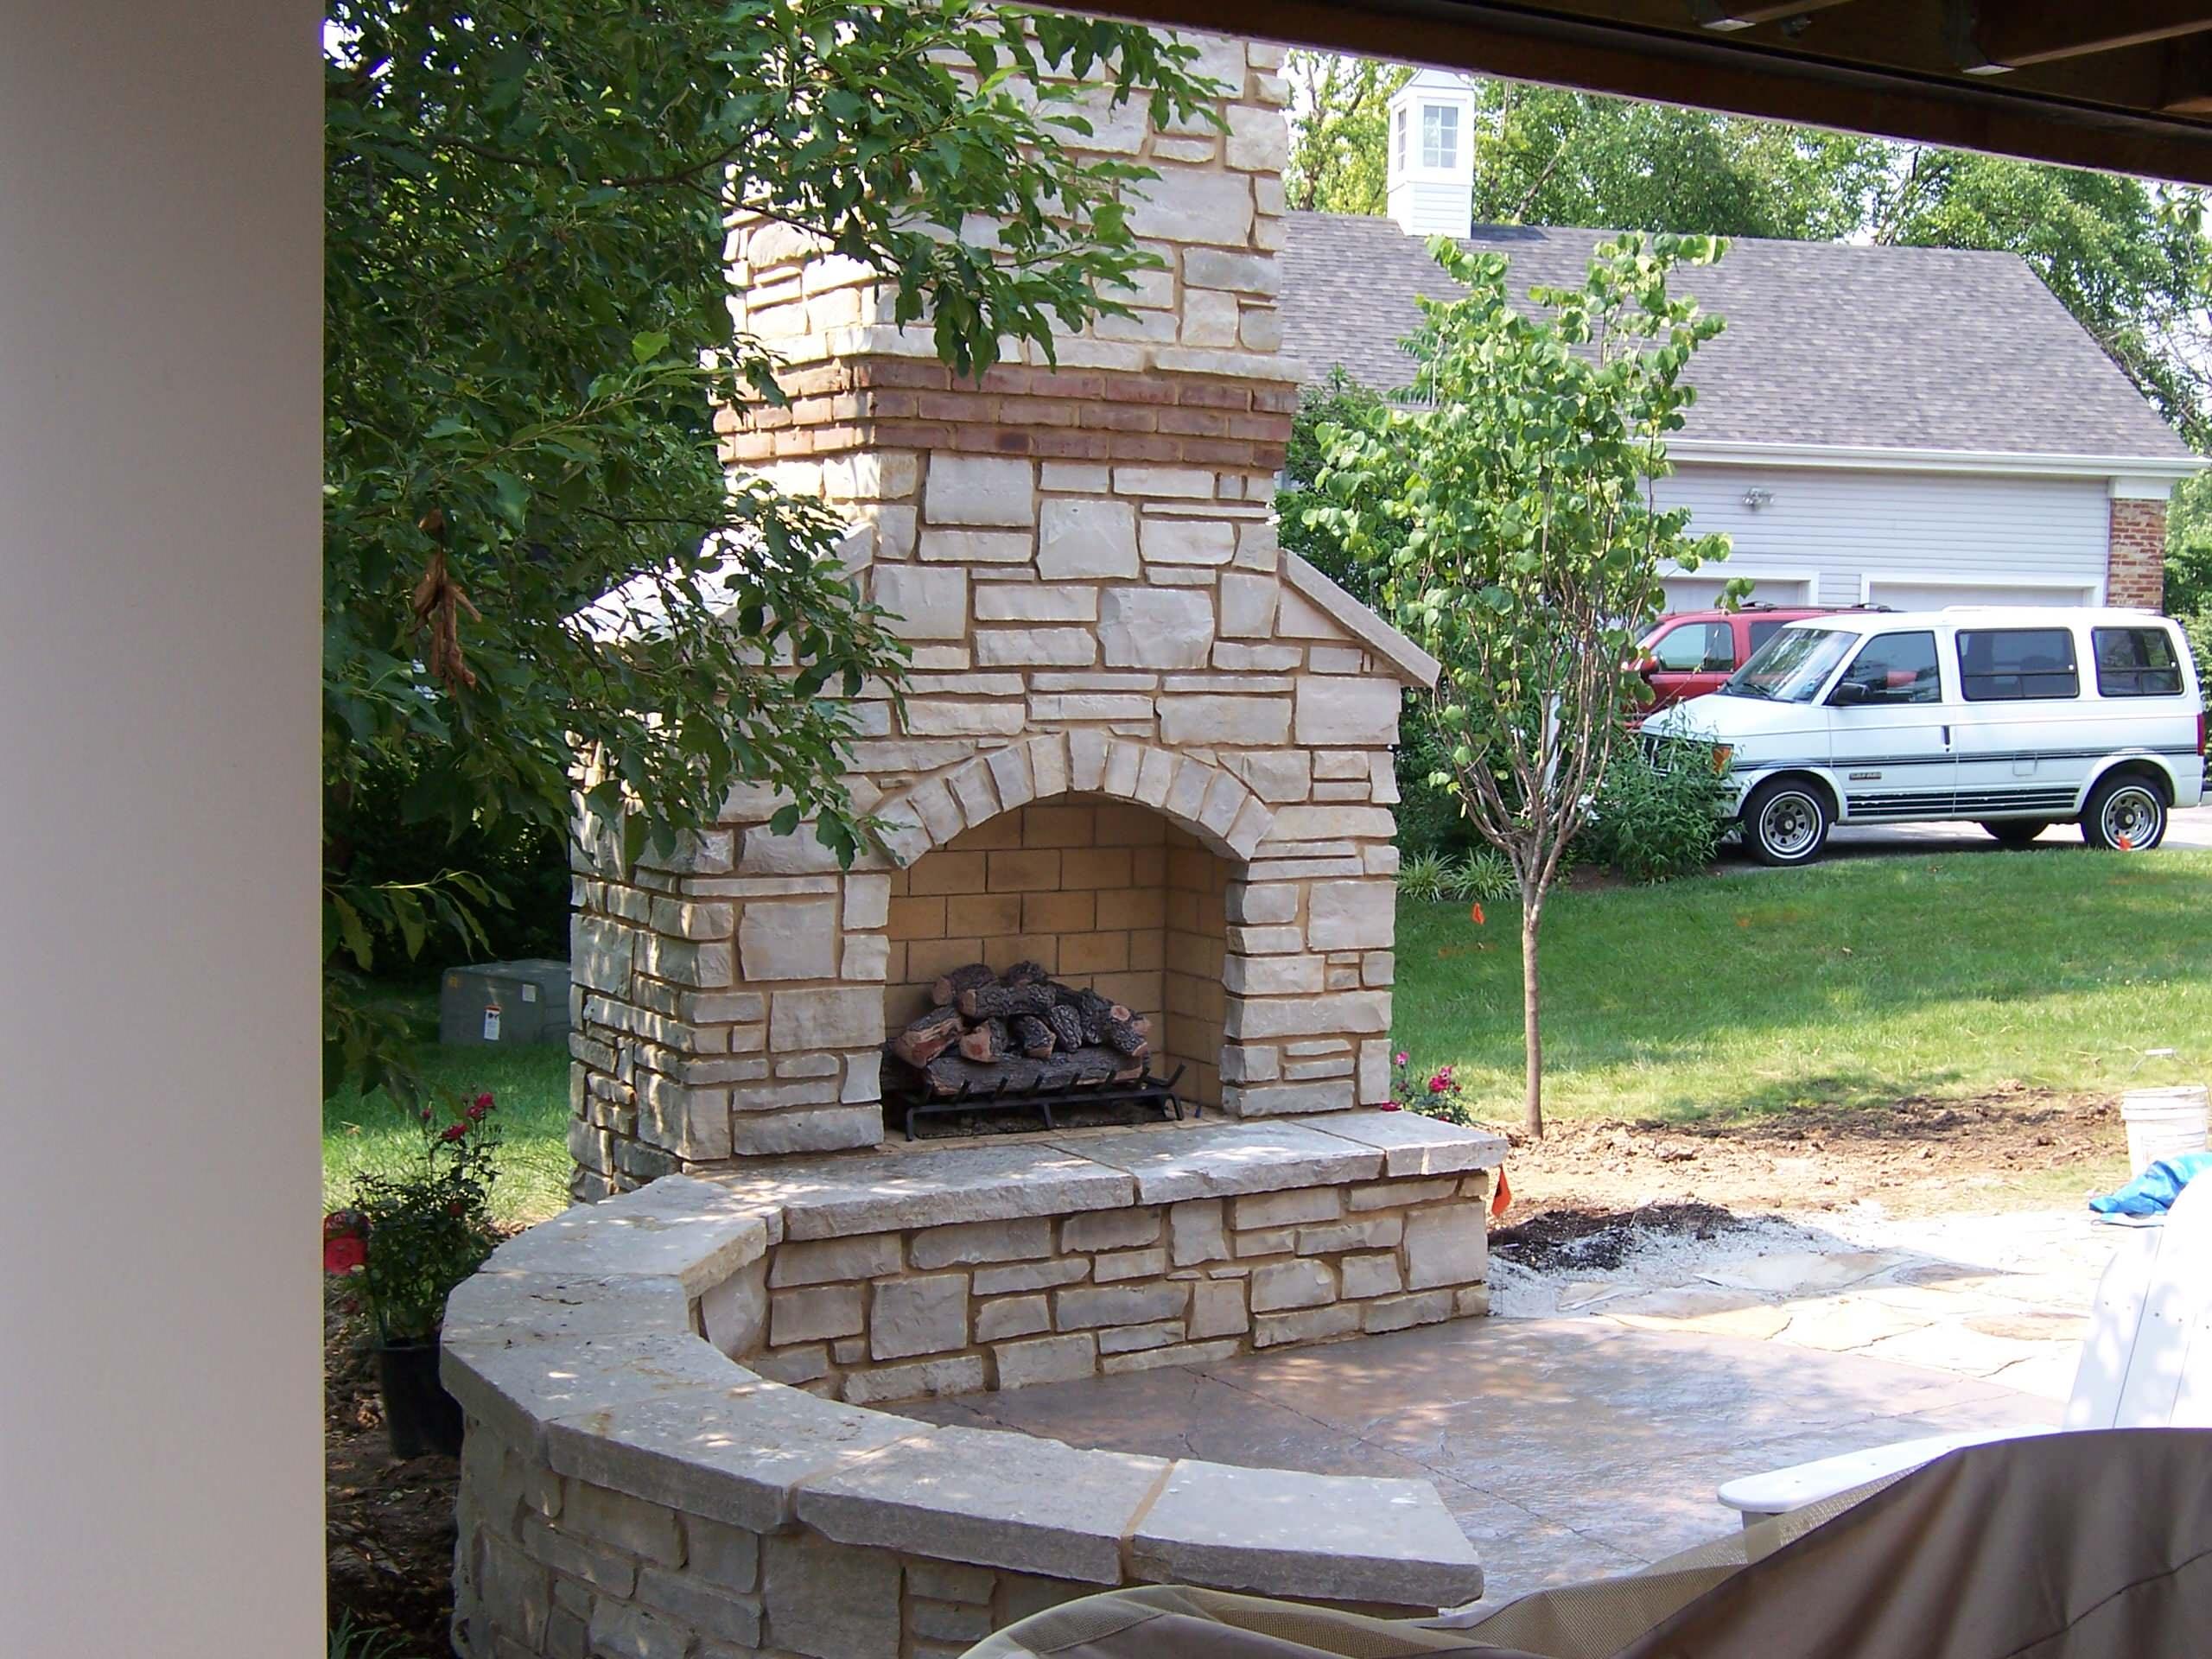 Lake St Louis, Missouri Outdoor Stone Masonry (Gas) Fireplace with Brick Banding